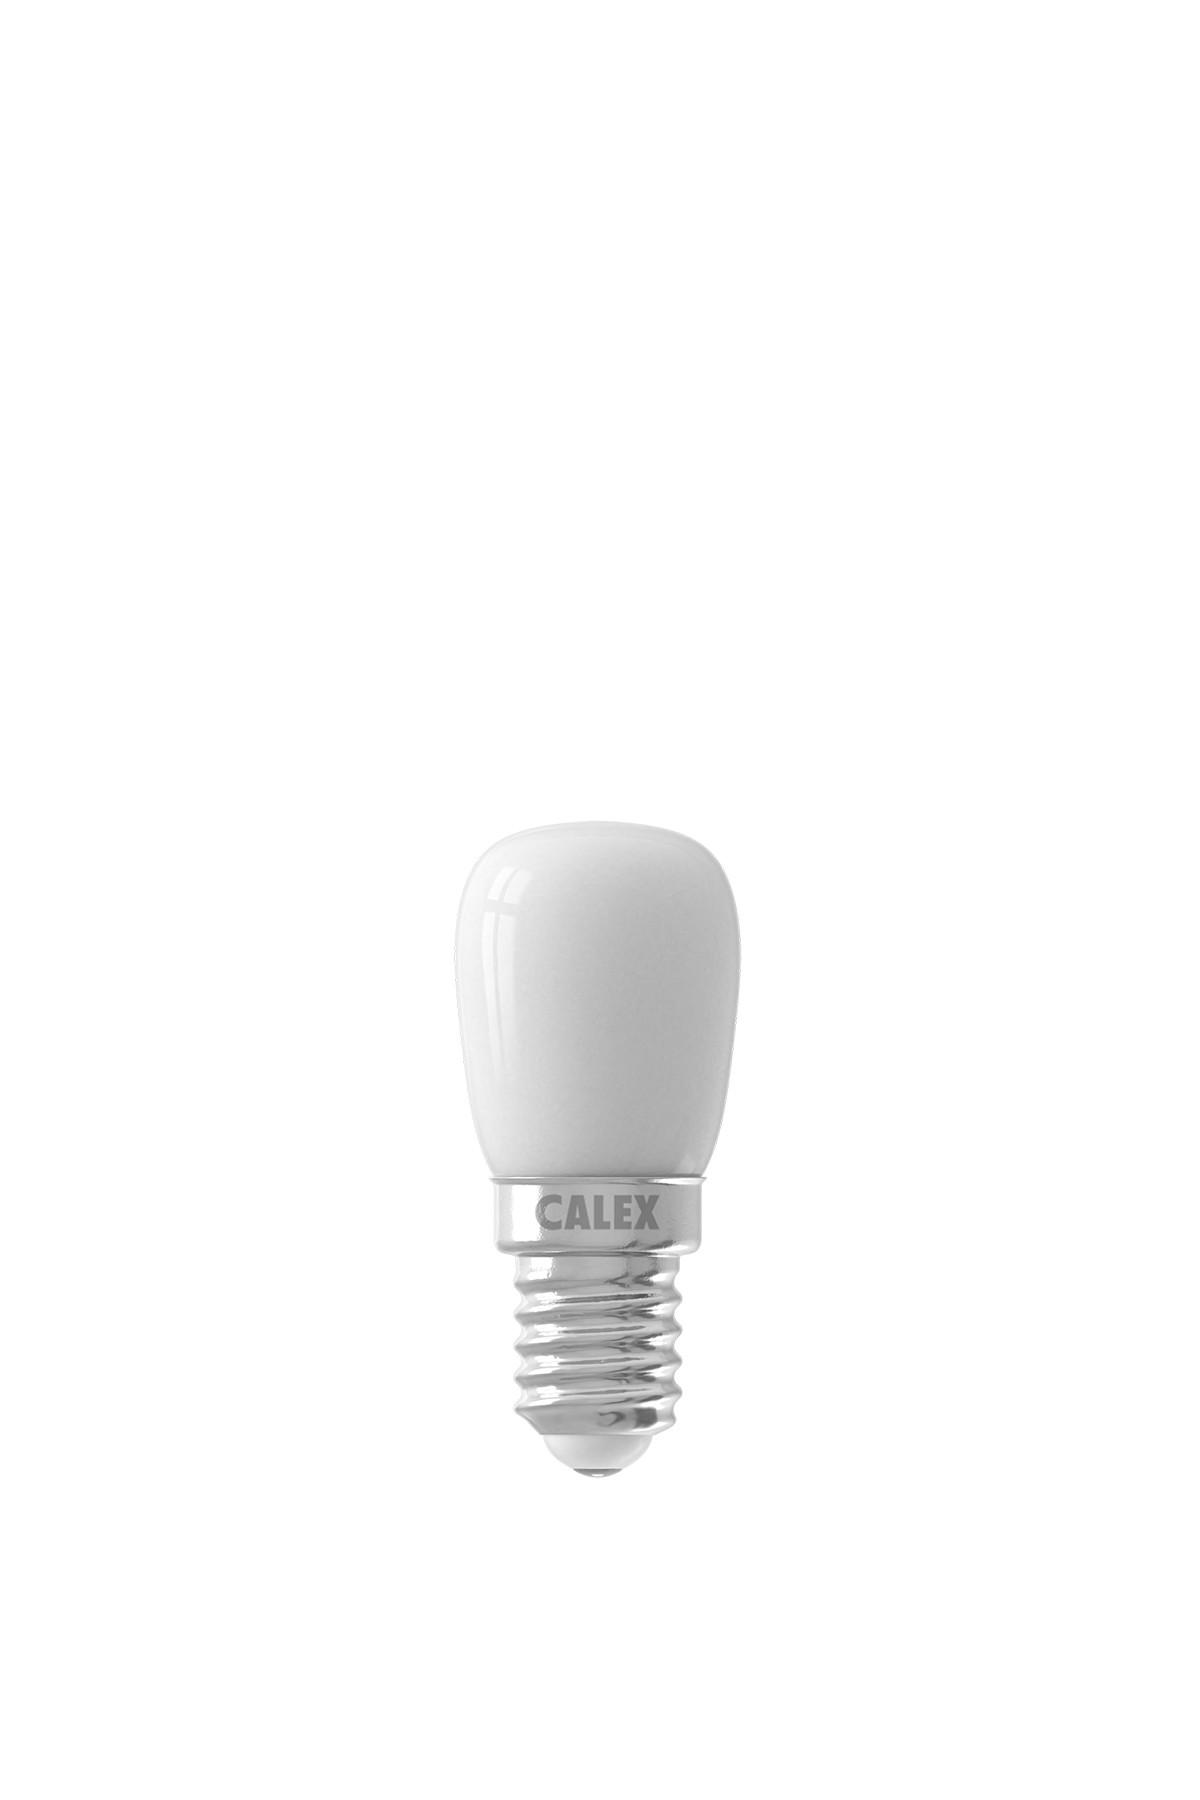 Filament LED Pilot Lamp 220-240V 1W E14